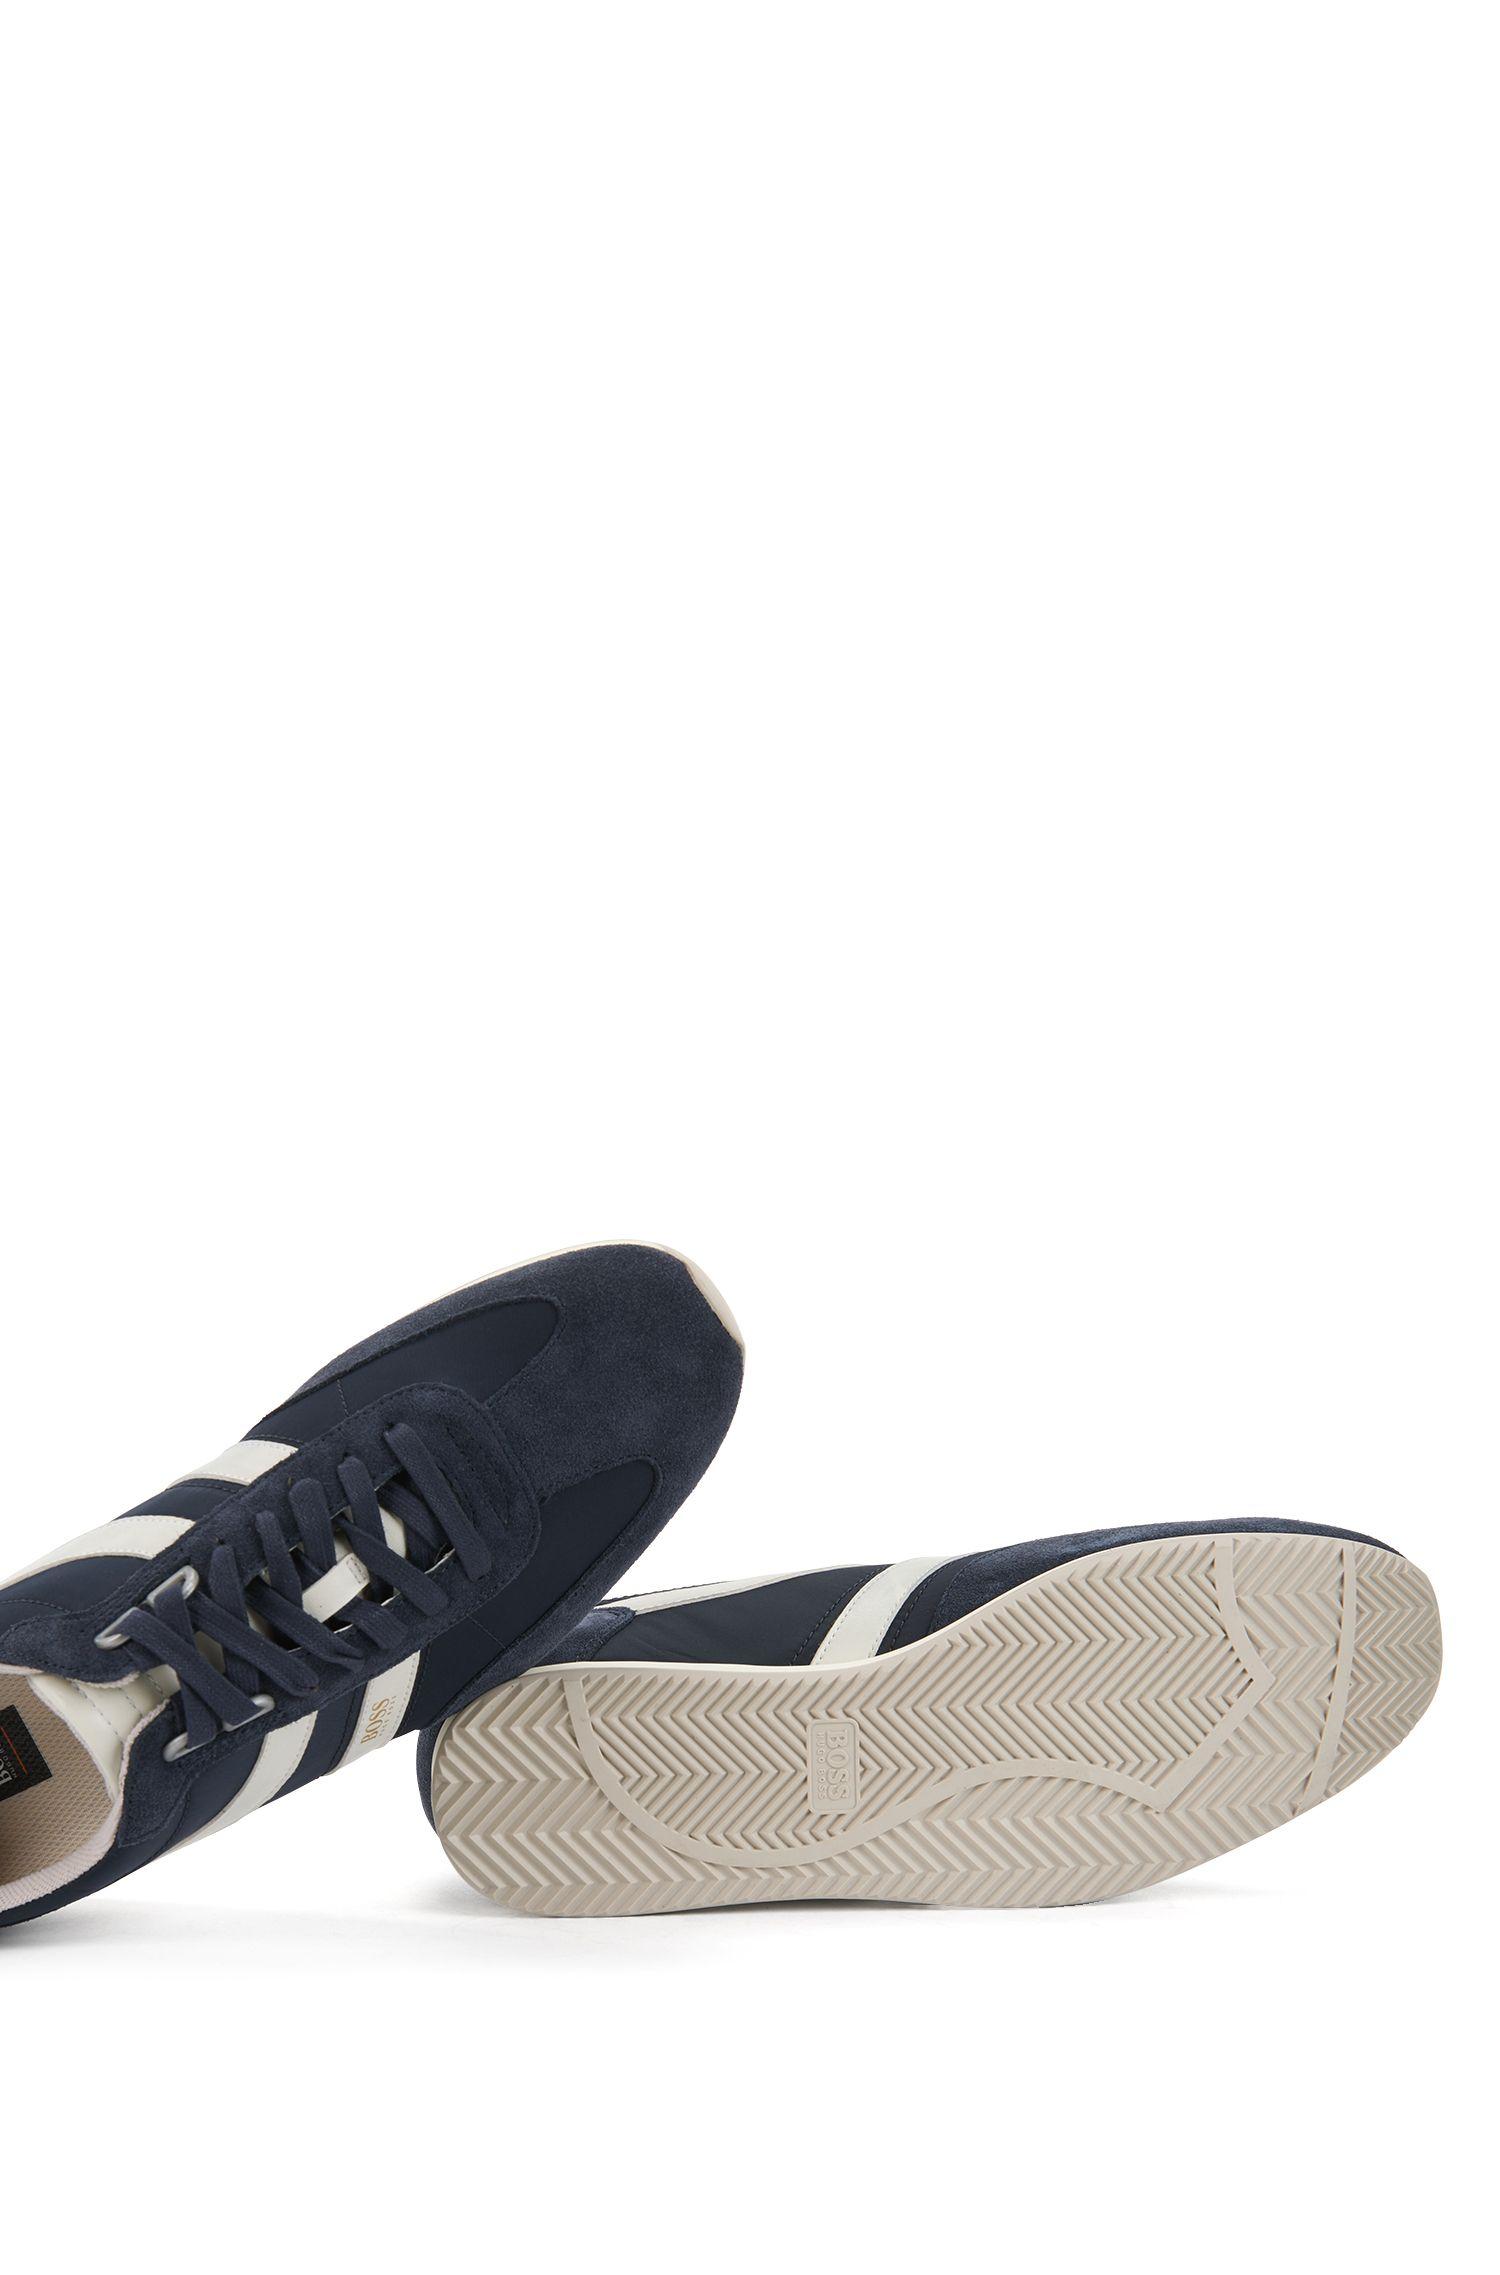 Baskets à lacets avec revêtements en daim